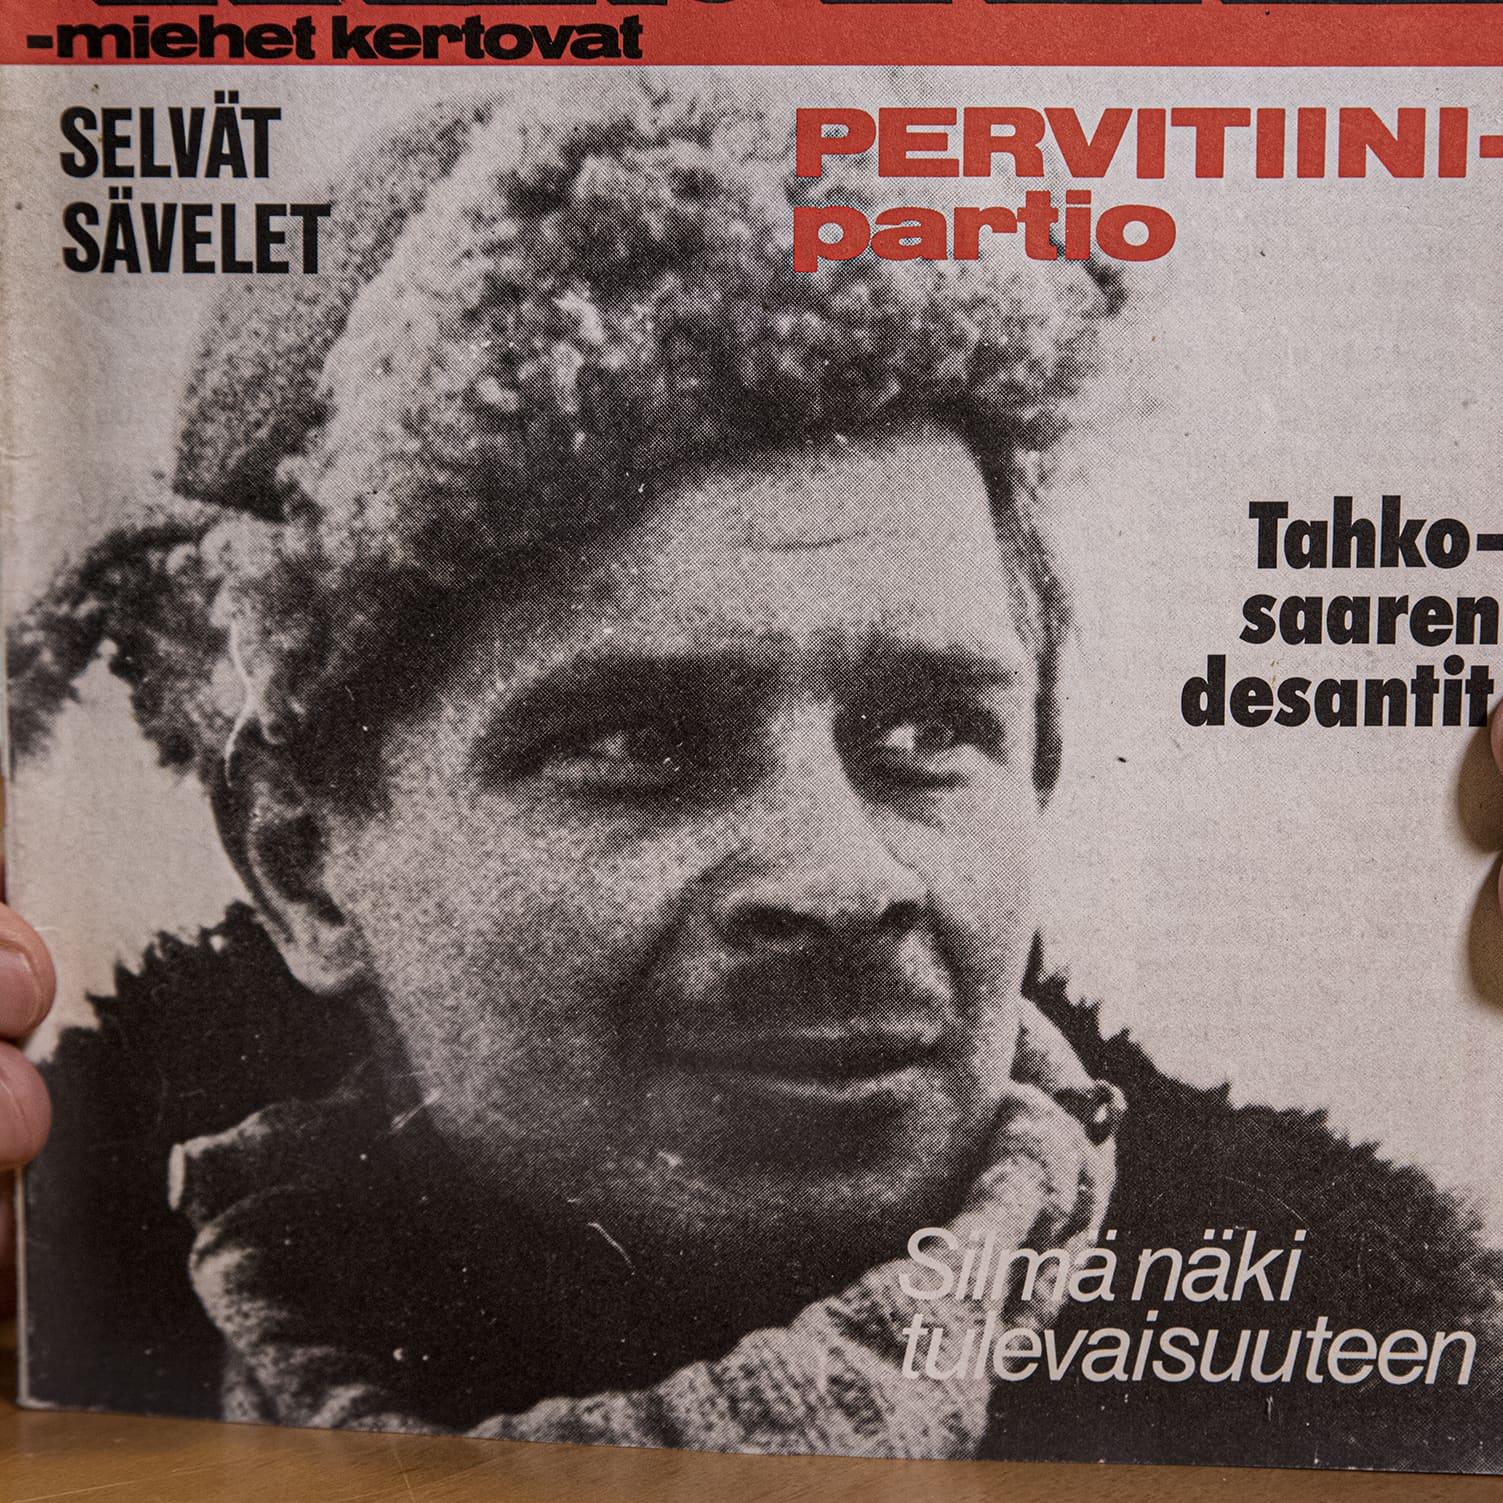 Mika Koivunen pitelee sormissaan Kansa taisteli -lehteä vuodelta 1978, jonka kannessa on hänen isänsä Aimo Koivusen kuva.